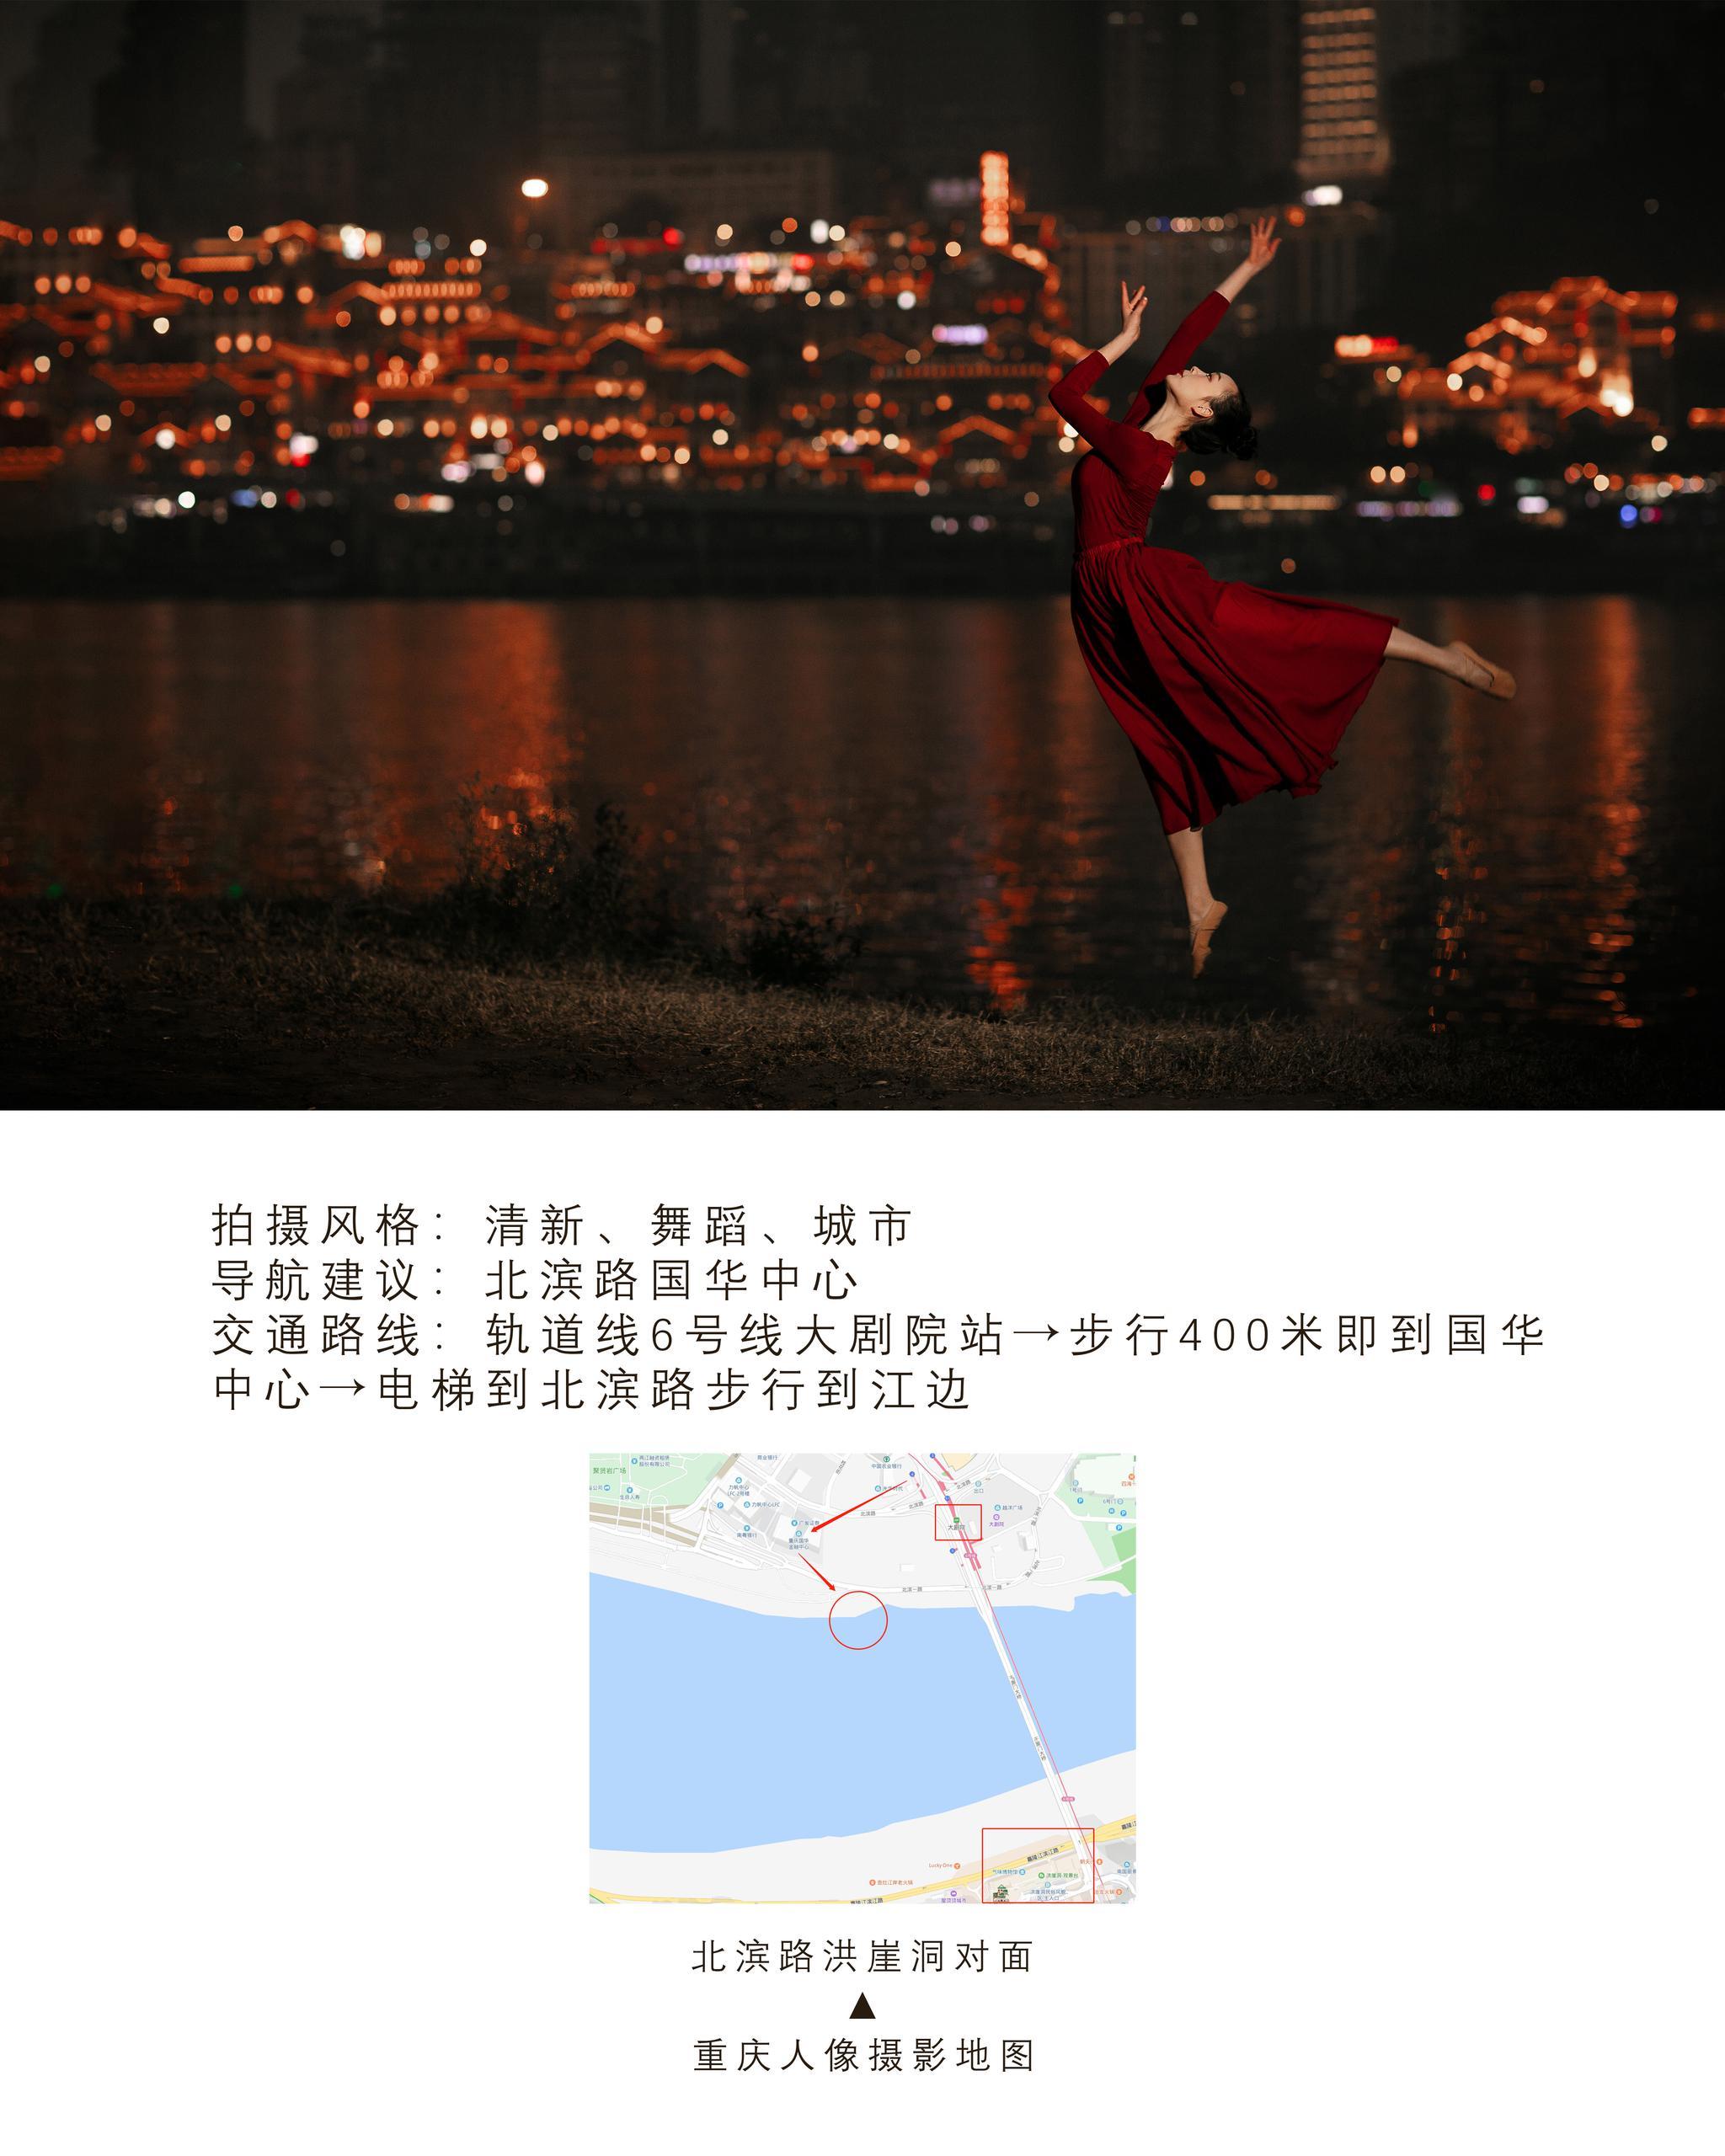 重庆拍照打卡地带你走遍重庆卡卡角角by@密密抽疯